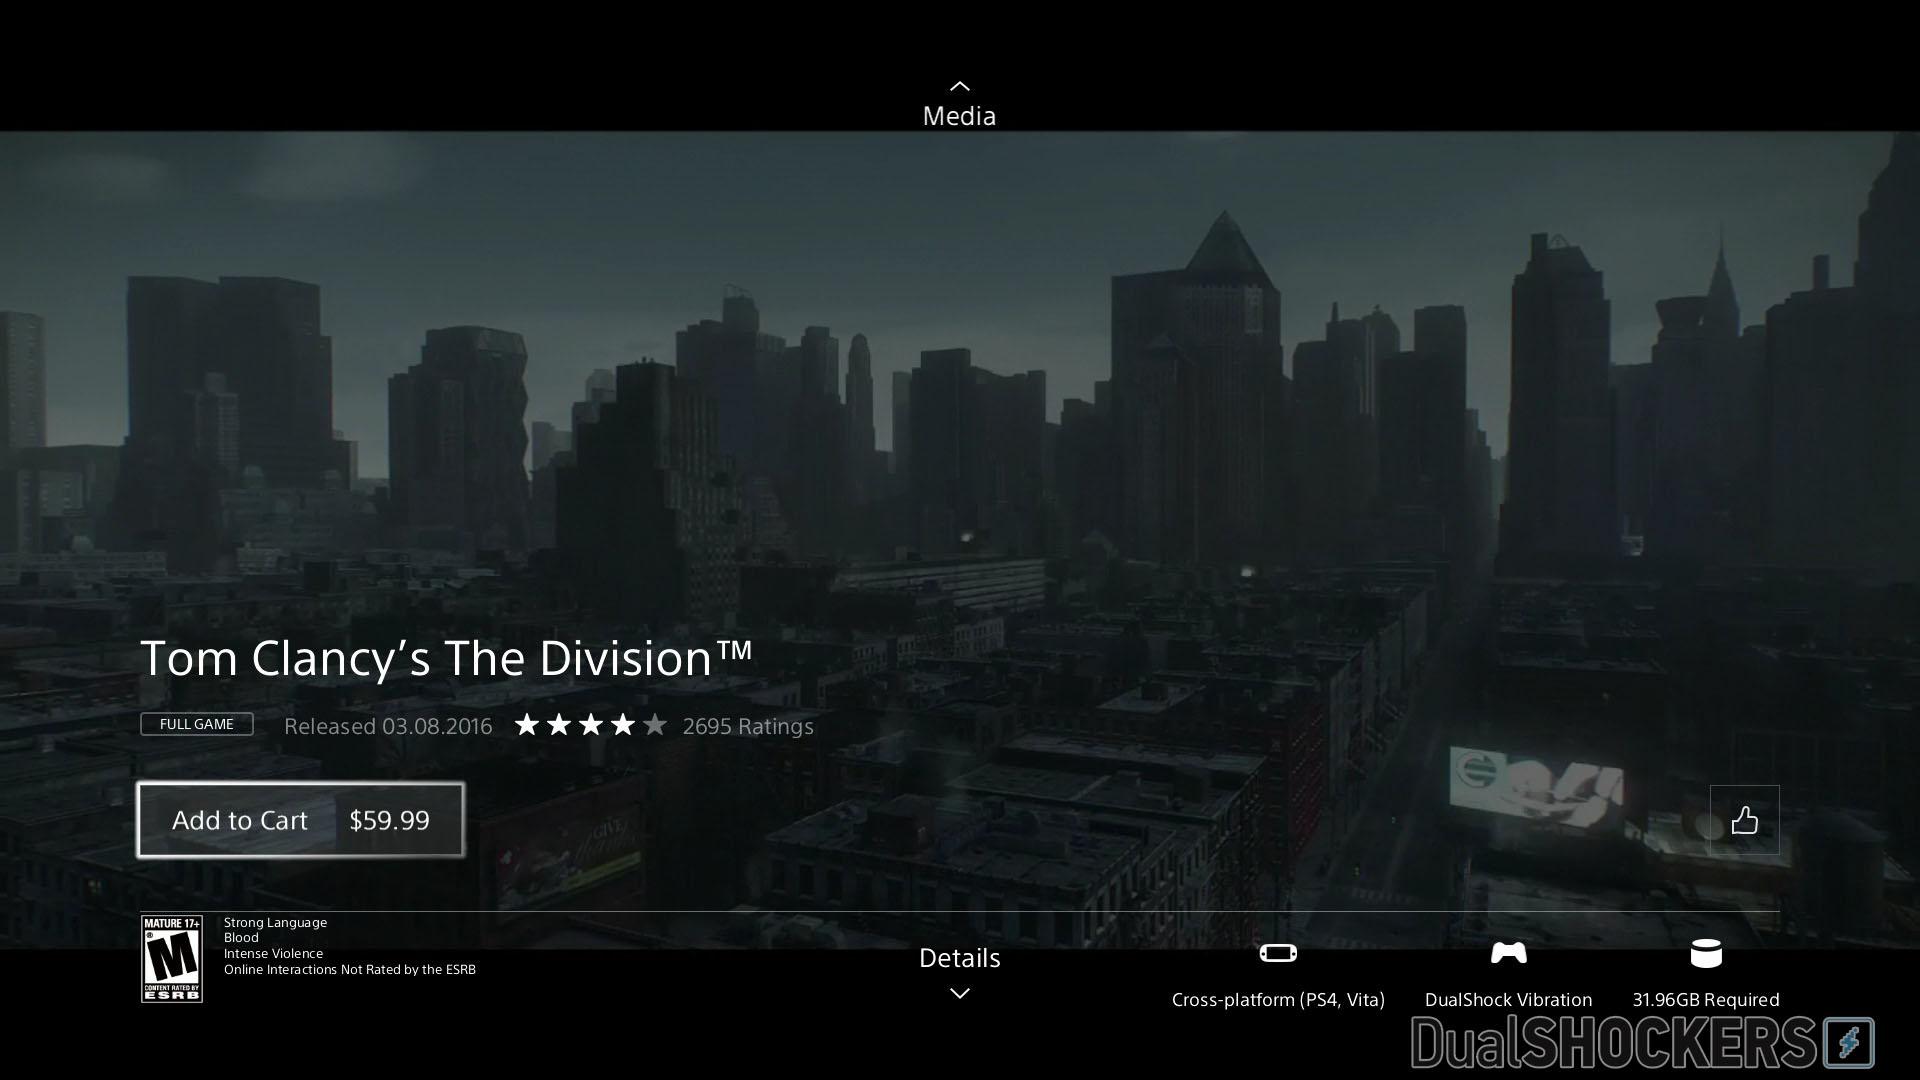 PS4商店新除了新上架的游戏外,今天商店也迎来了更新,索尼日前更新了商店页面,修订了一些内容,致力更好地宣传游戏。 每款游戏的特色和下载容量都更清晰地列出,高清预告片也会自动在背景画面播放。 每款游戏都有多个页面,你可以滚动自己的左摇杆控制或者触控板控制,从游戏主页面扩展到视频,细节,额外内容,捆绑内容,头像,主题和推荐内容。当然,不是所有游戏都包含如此完整的页面。有些游戏目前还没有主题或头像。 消息更新:这些新页面又被下掉了,之前版本的页面重新上架。显然是索尼没准备好,发布早了,没有在第一时间准备好就